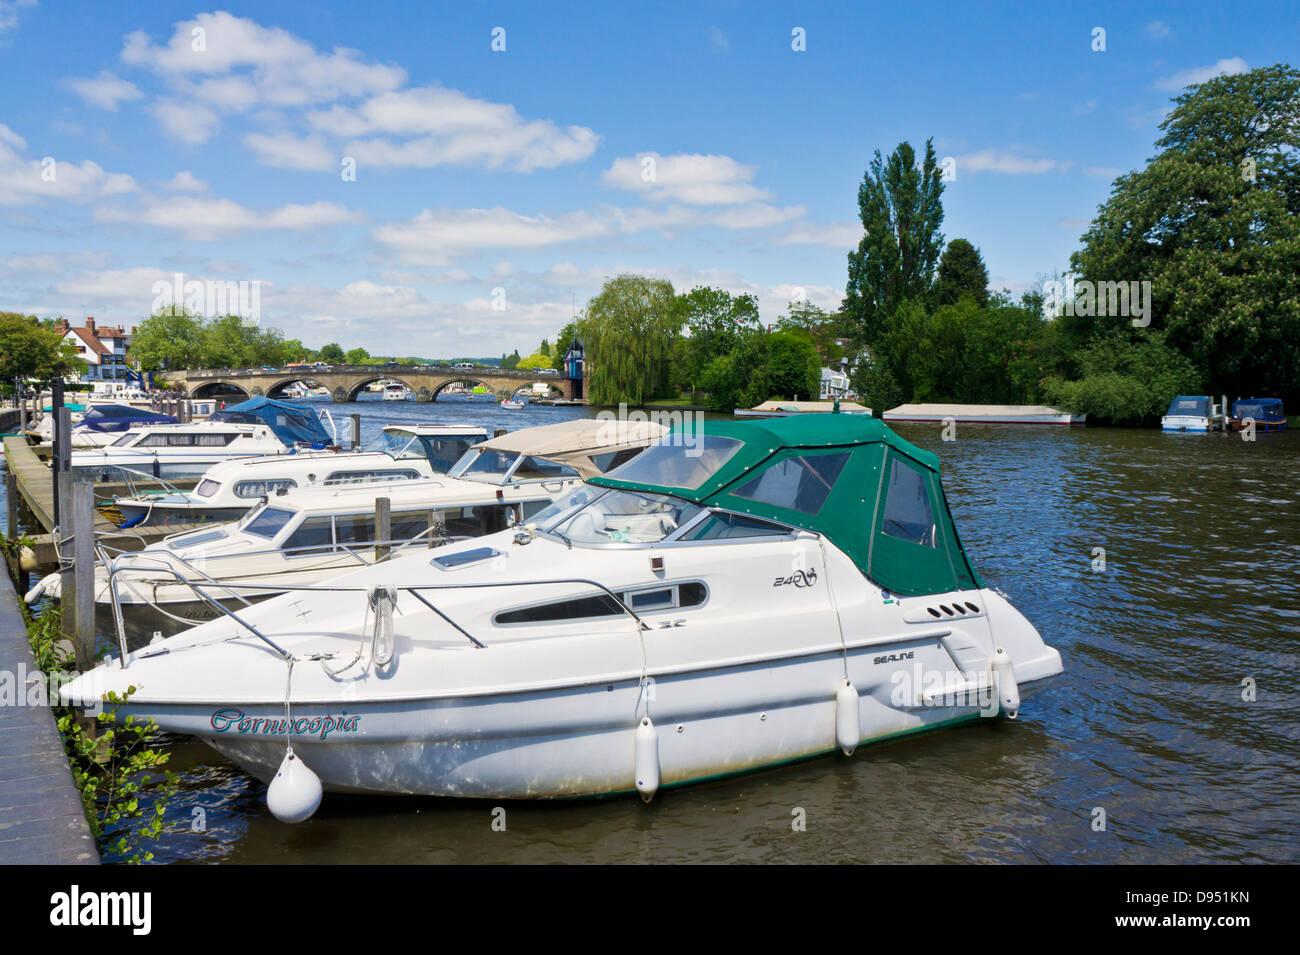 Barche ormeggiate a lato del fiume Tamigi a Henley-on-Thames Oxfordshire England Regno Unito GB EU Europe Foto Stock